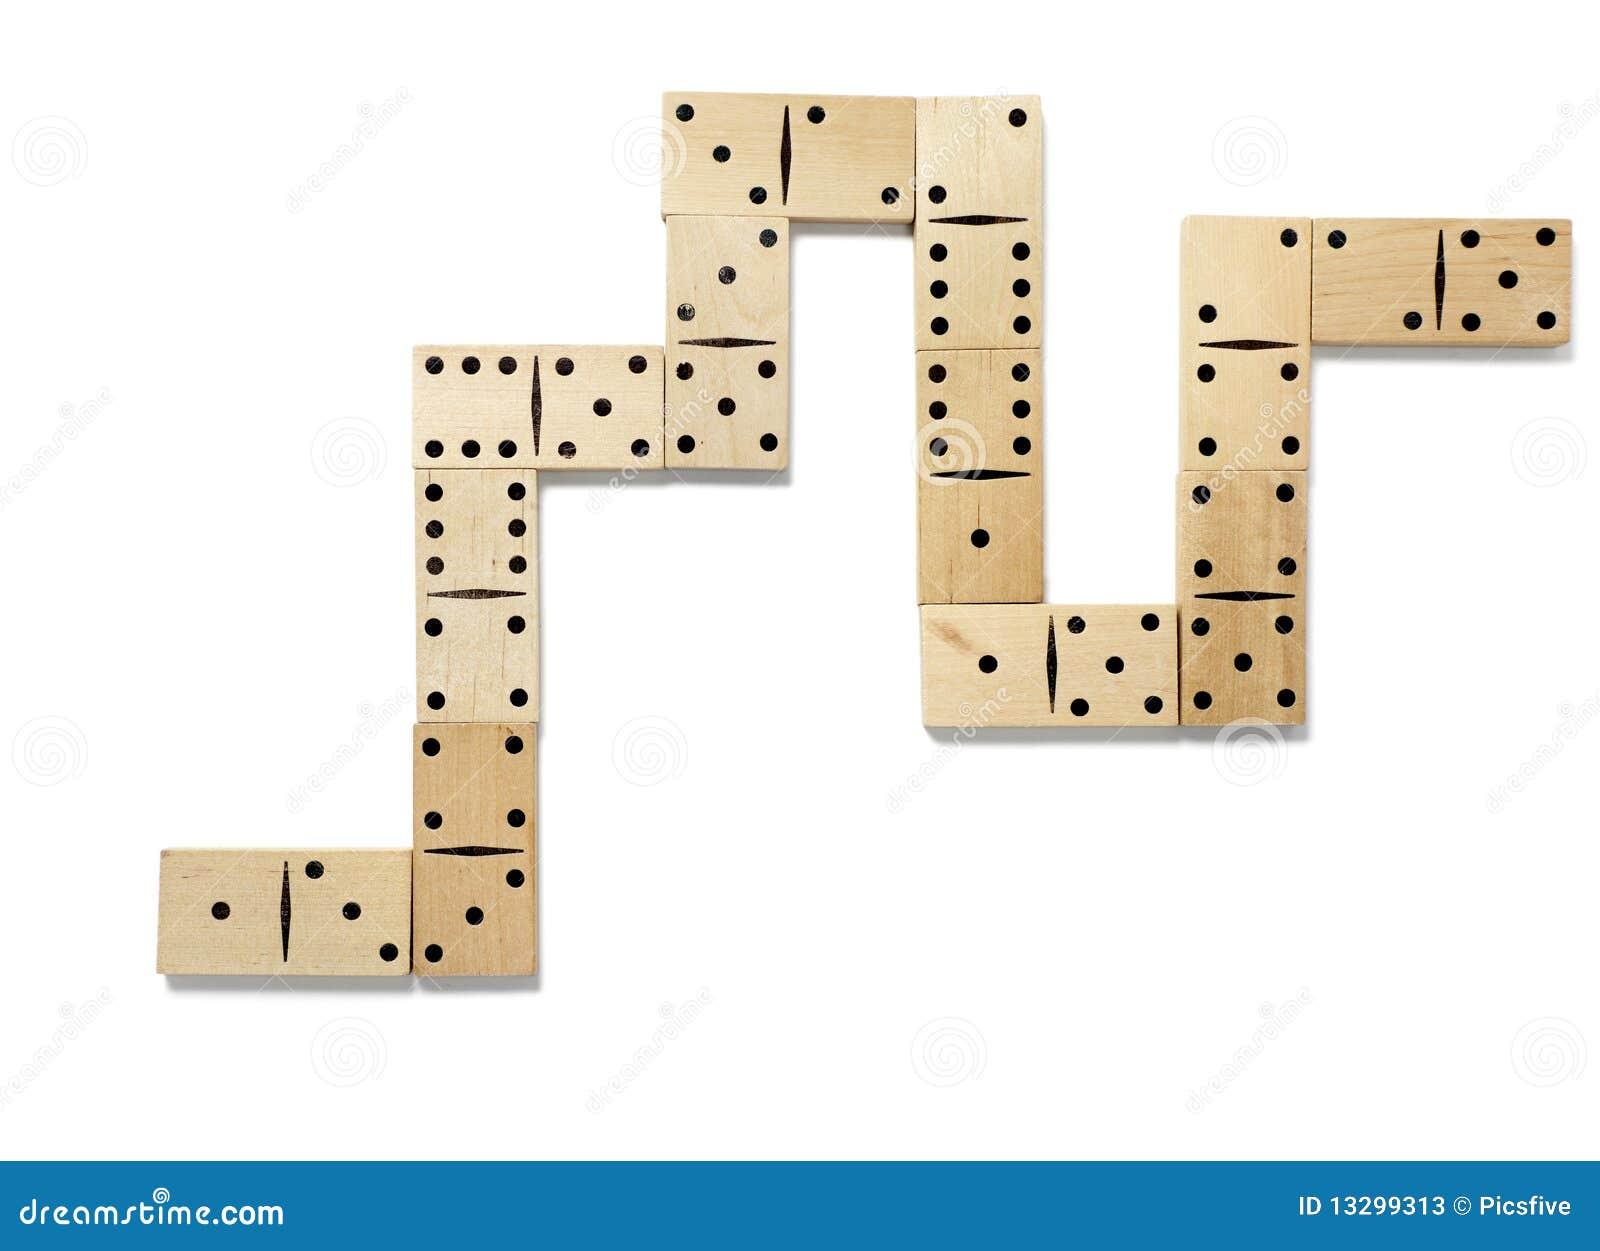 jeu de domino image stock image du passe danger. Black Bedroom Furniture Sets. Home Design Ideas